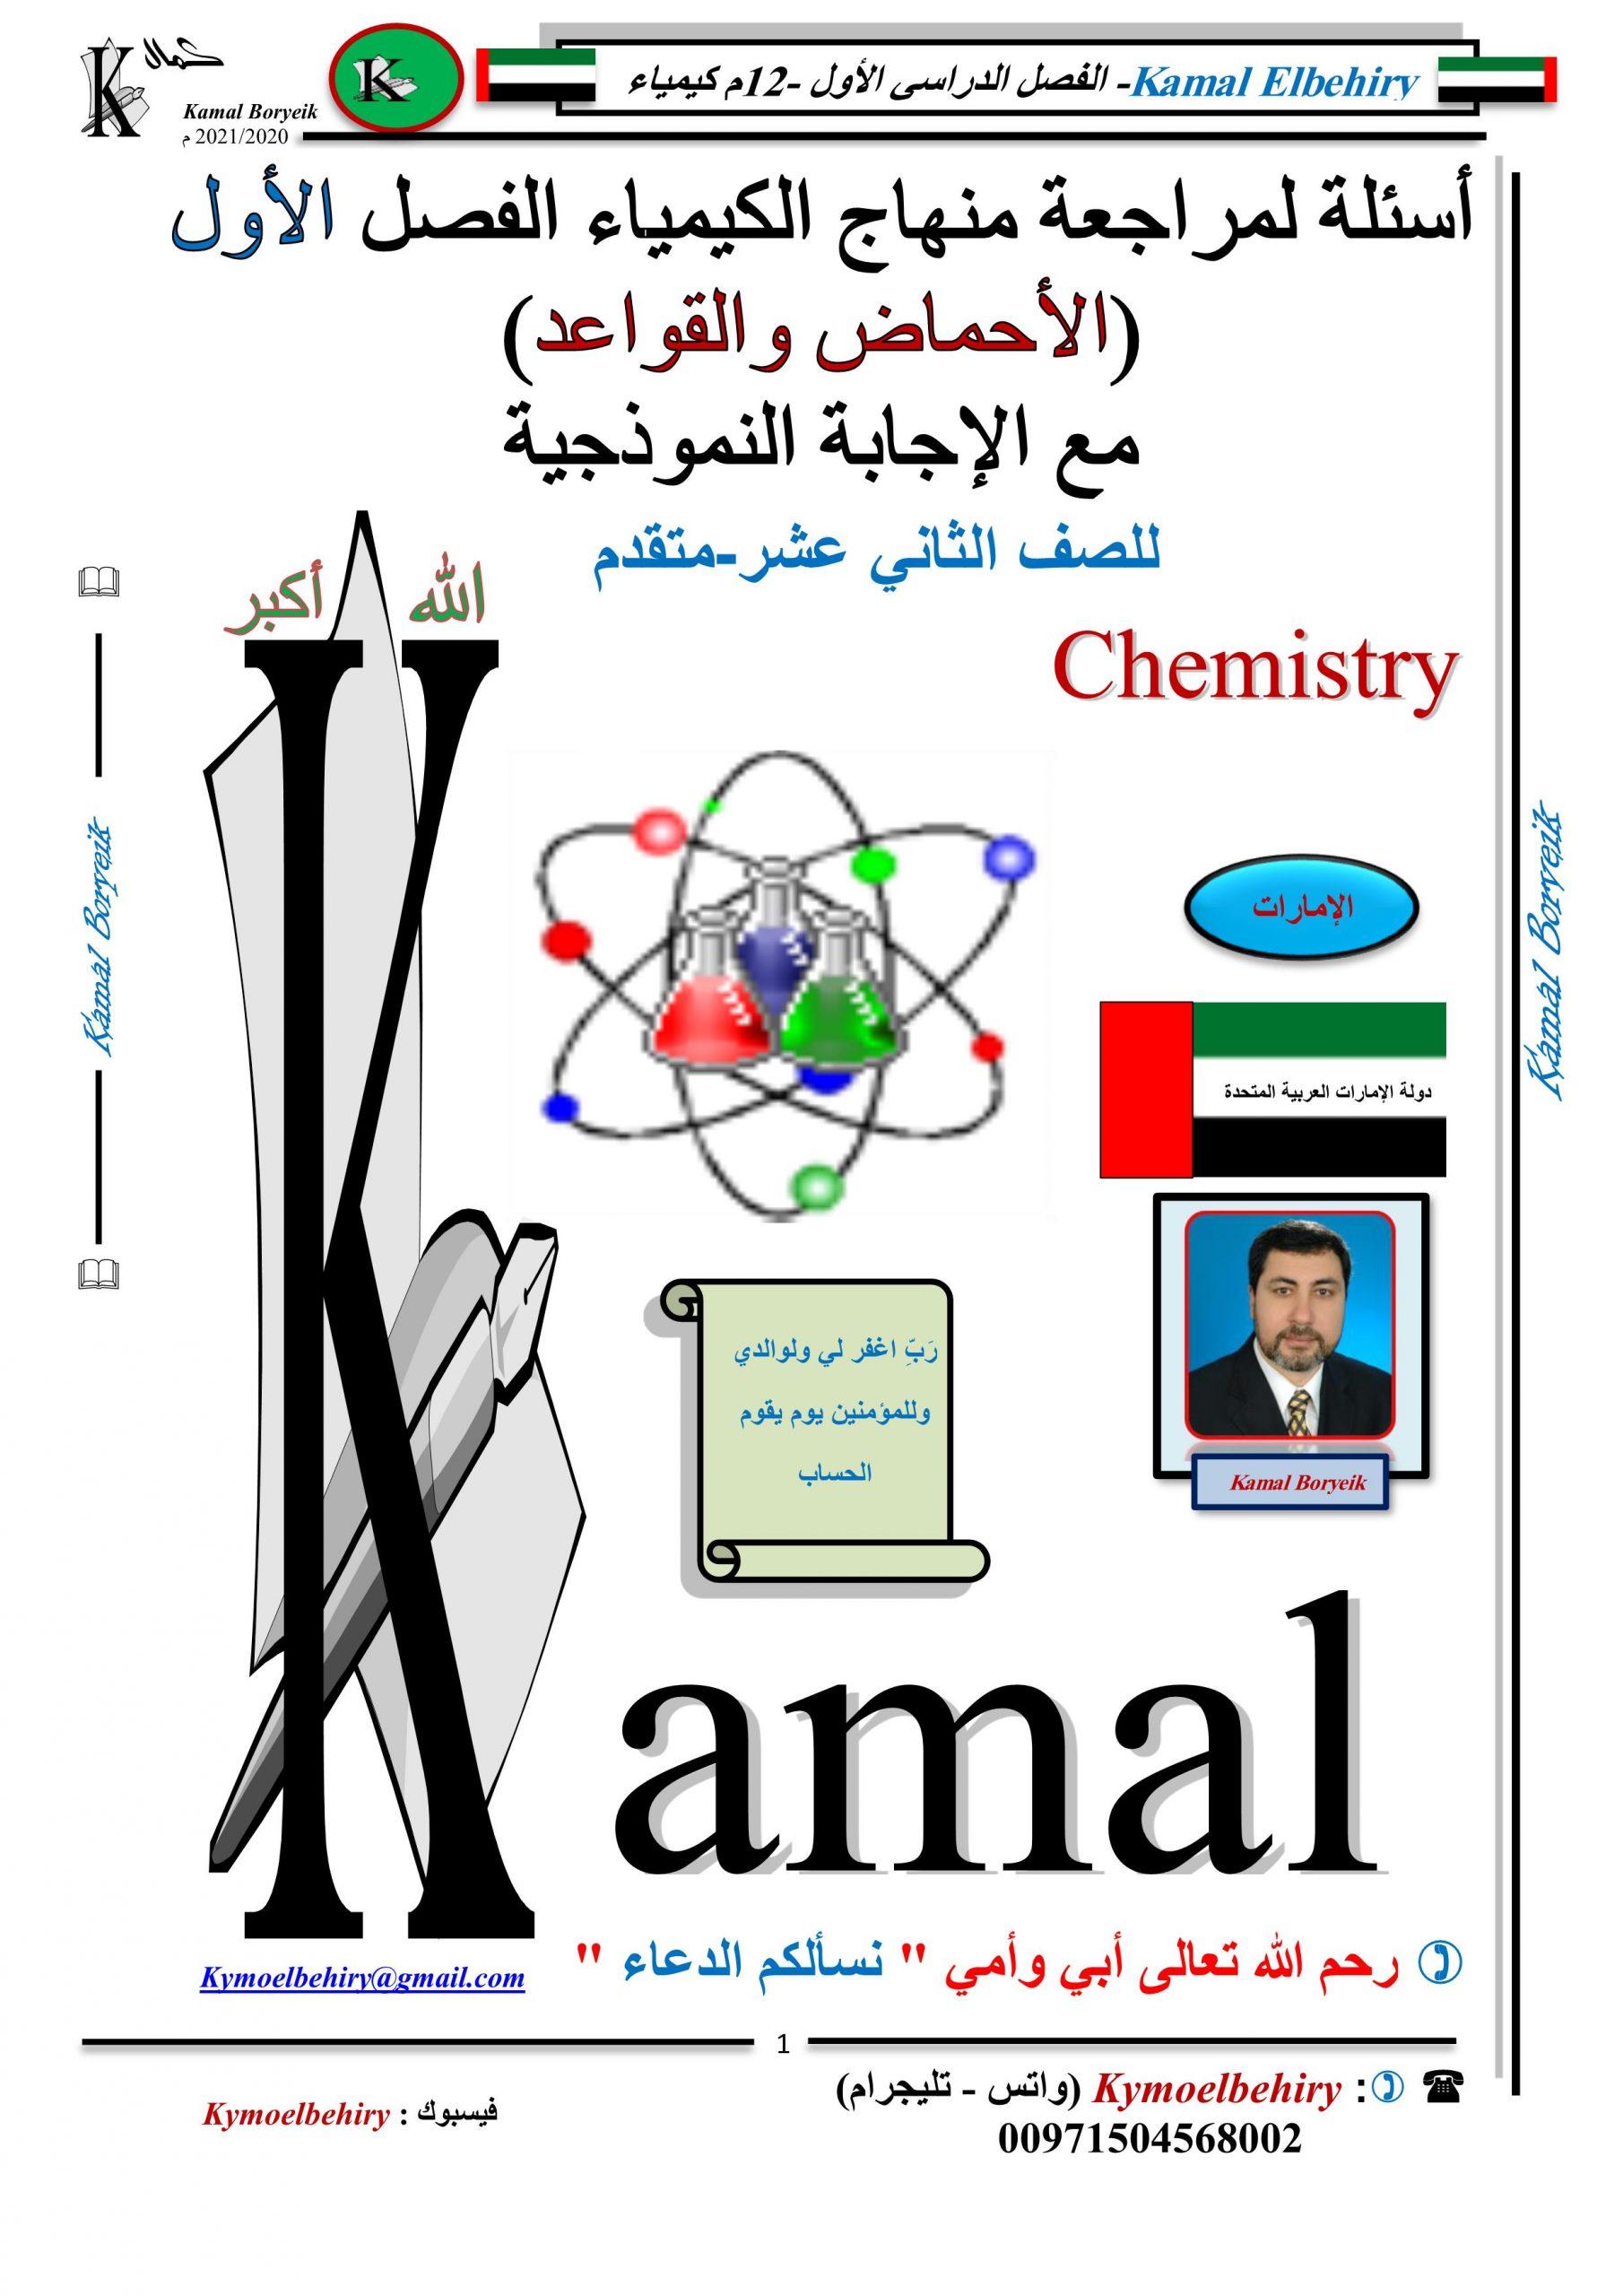 حل اوراق عمل الاحماض والقواعد الصف الثاني عشر متقدم مادة الكيمياء